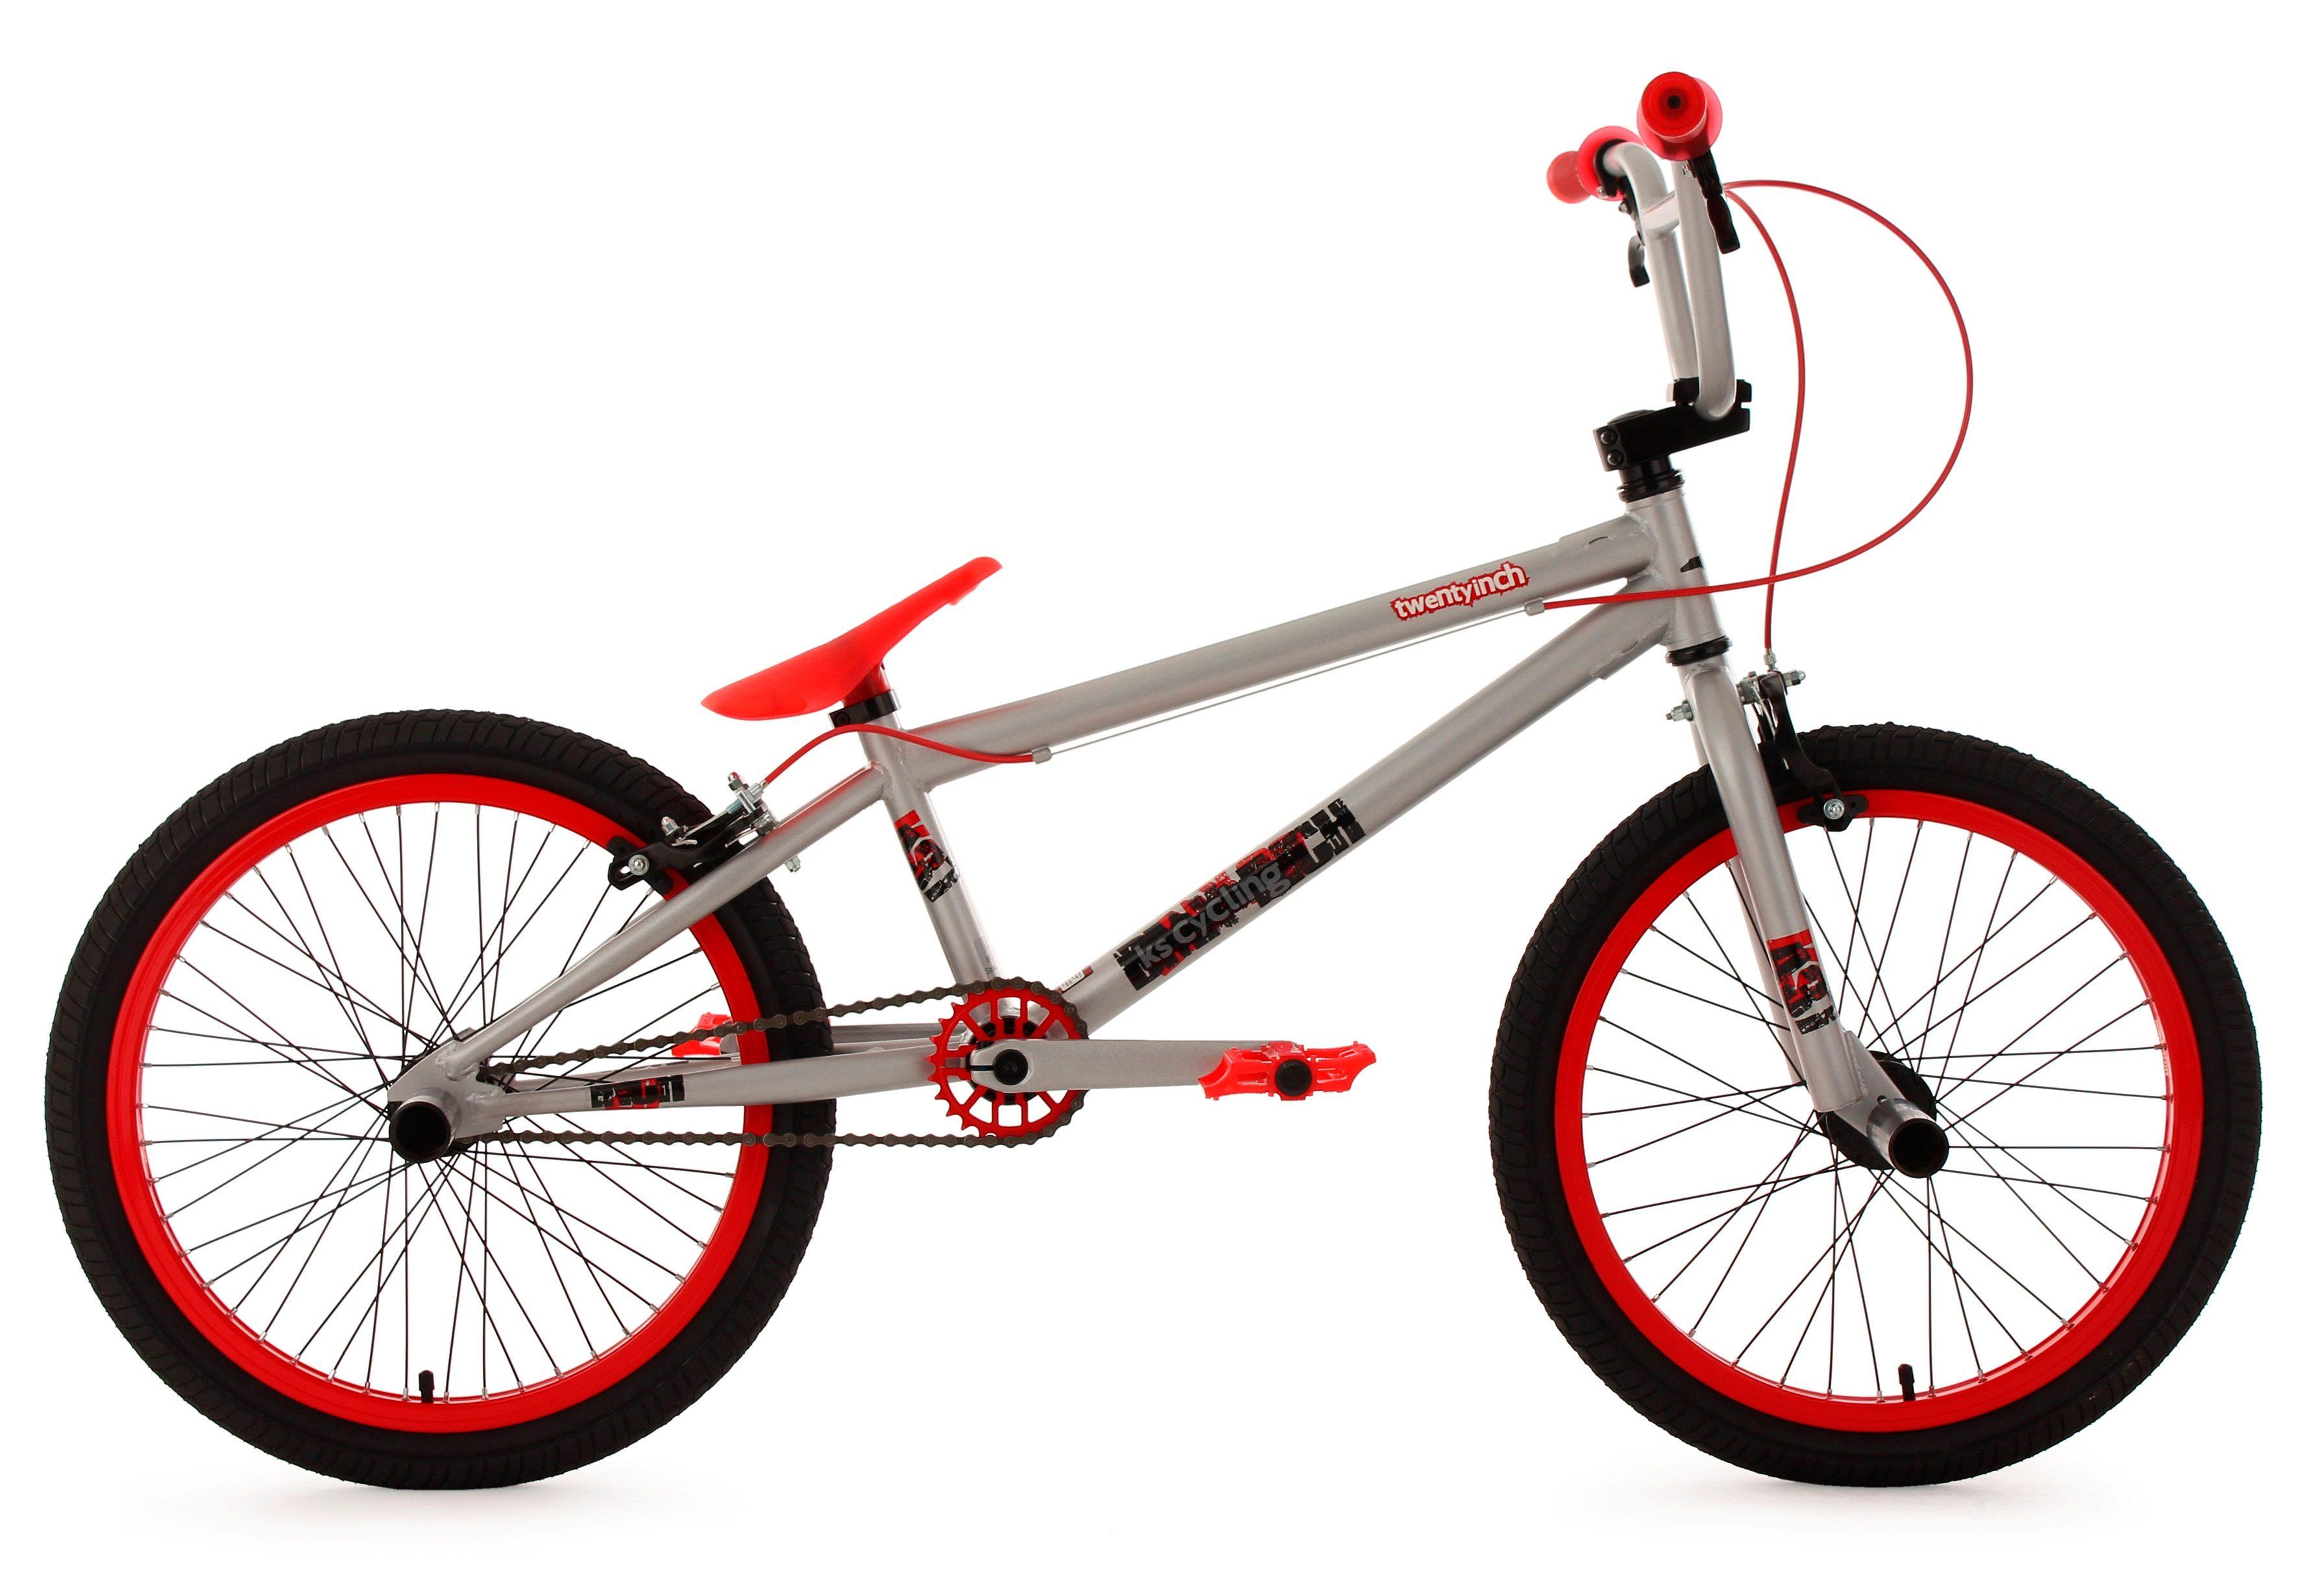 BMX Fahrrad, 20 Zoll, silber-rot, »Twentyinch«, KS Cycling